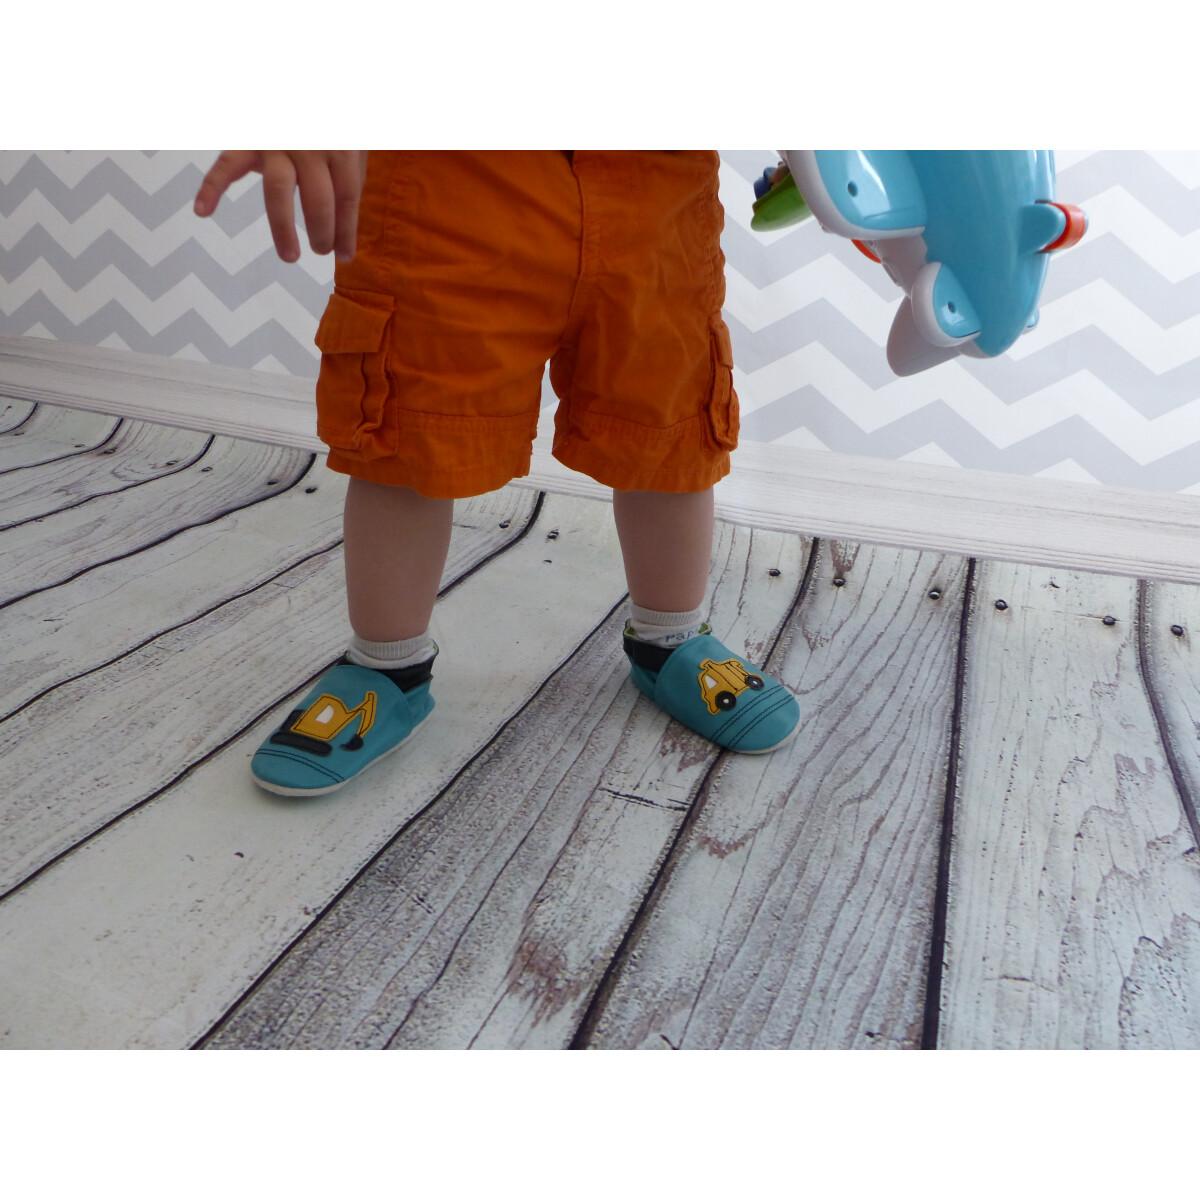 28 Echtleder NEU Leder Schuhe Puschen Hausschuhe Lederscuhe Größe XXXL 27